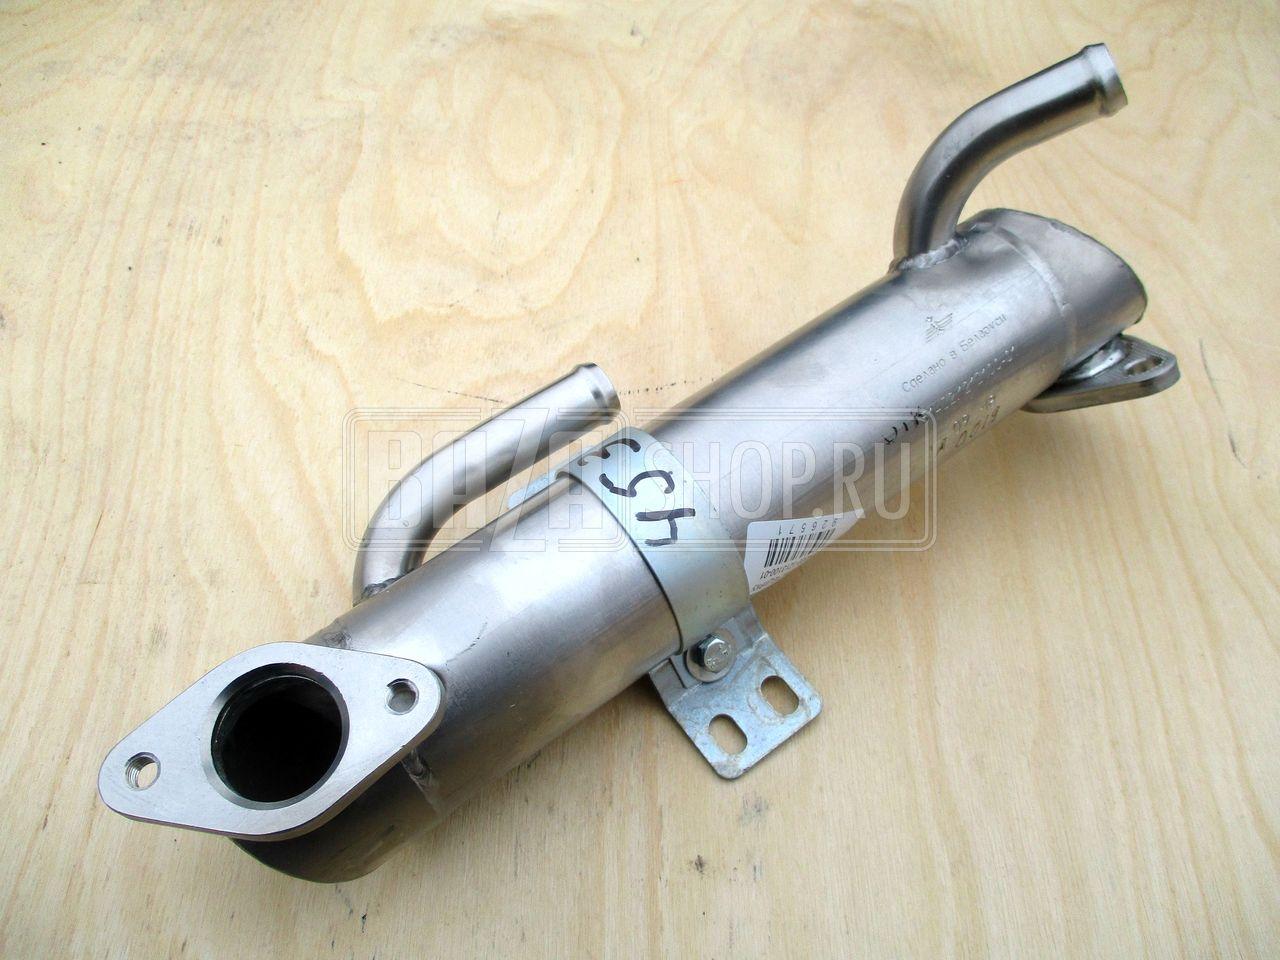 Теплообменник-охладитель рециркулируемых газов уаз теплообменник контур фреон